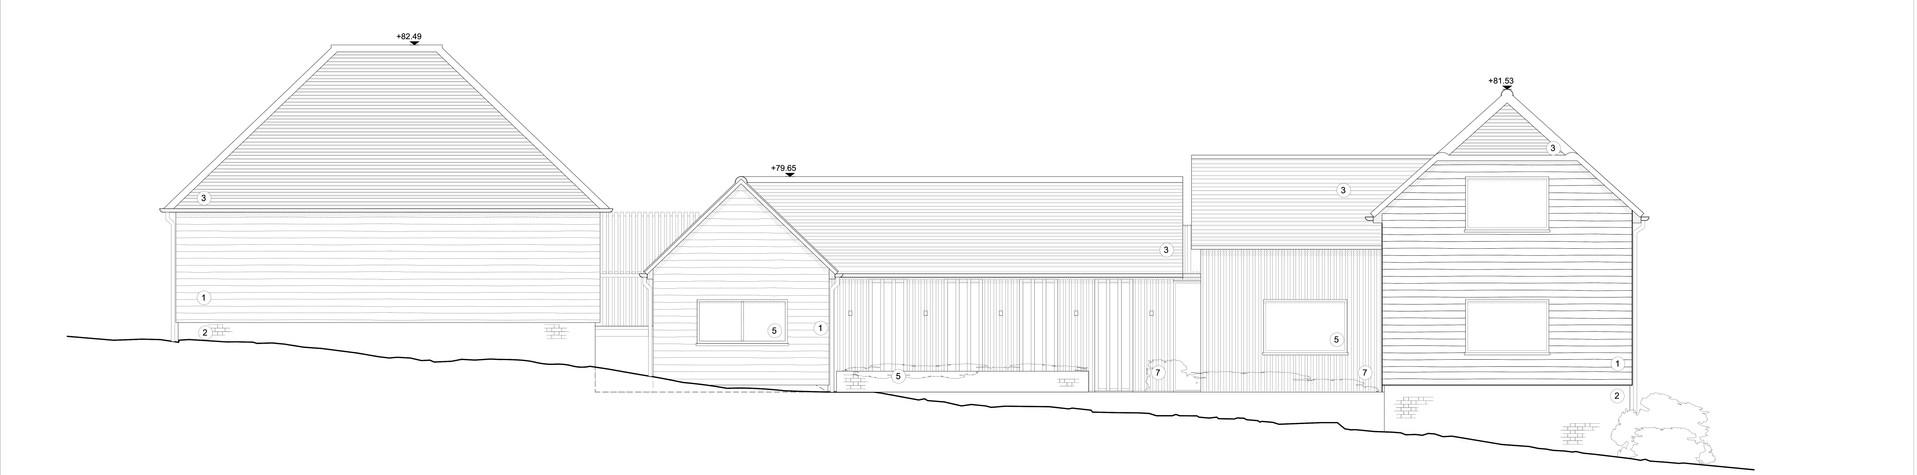 330 (GA) 101-Proposed North and South El